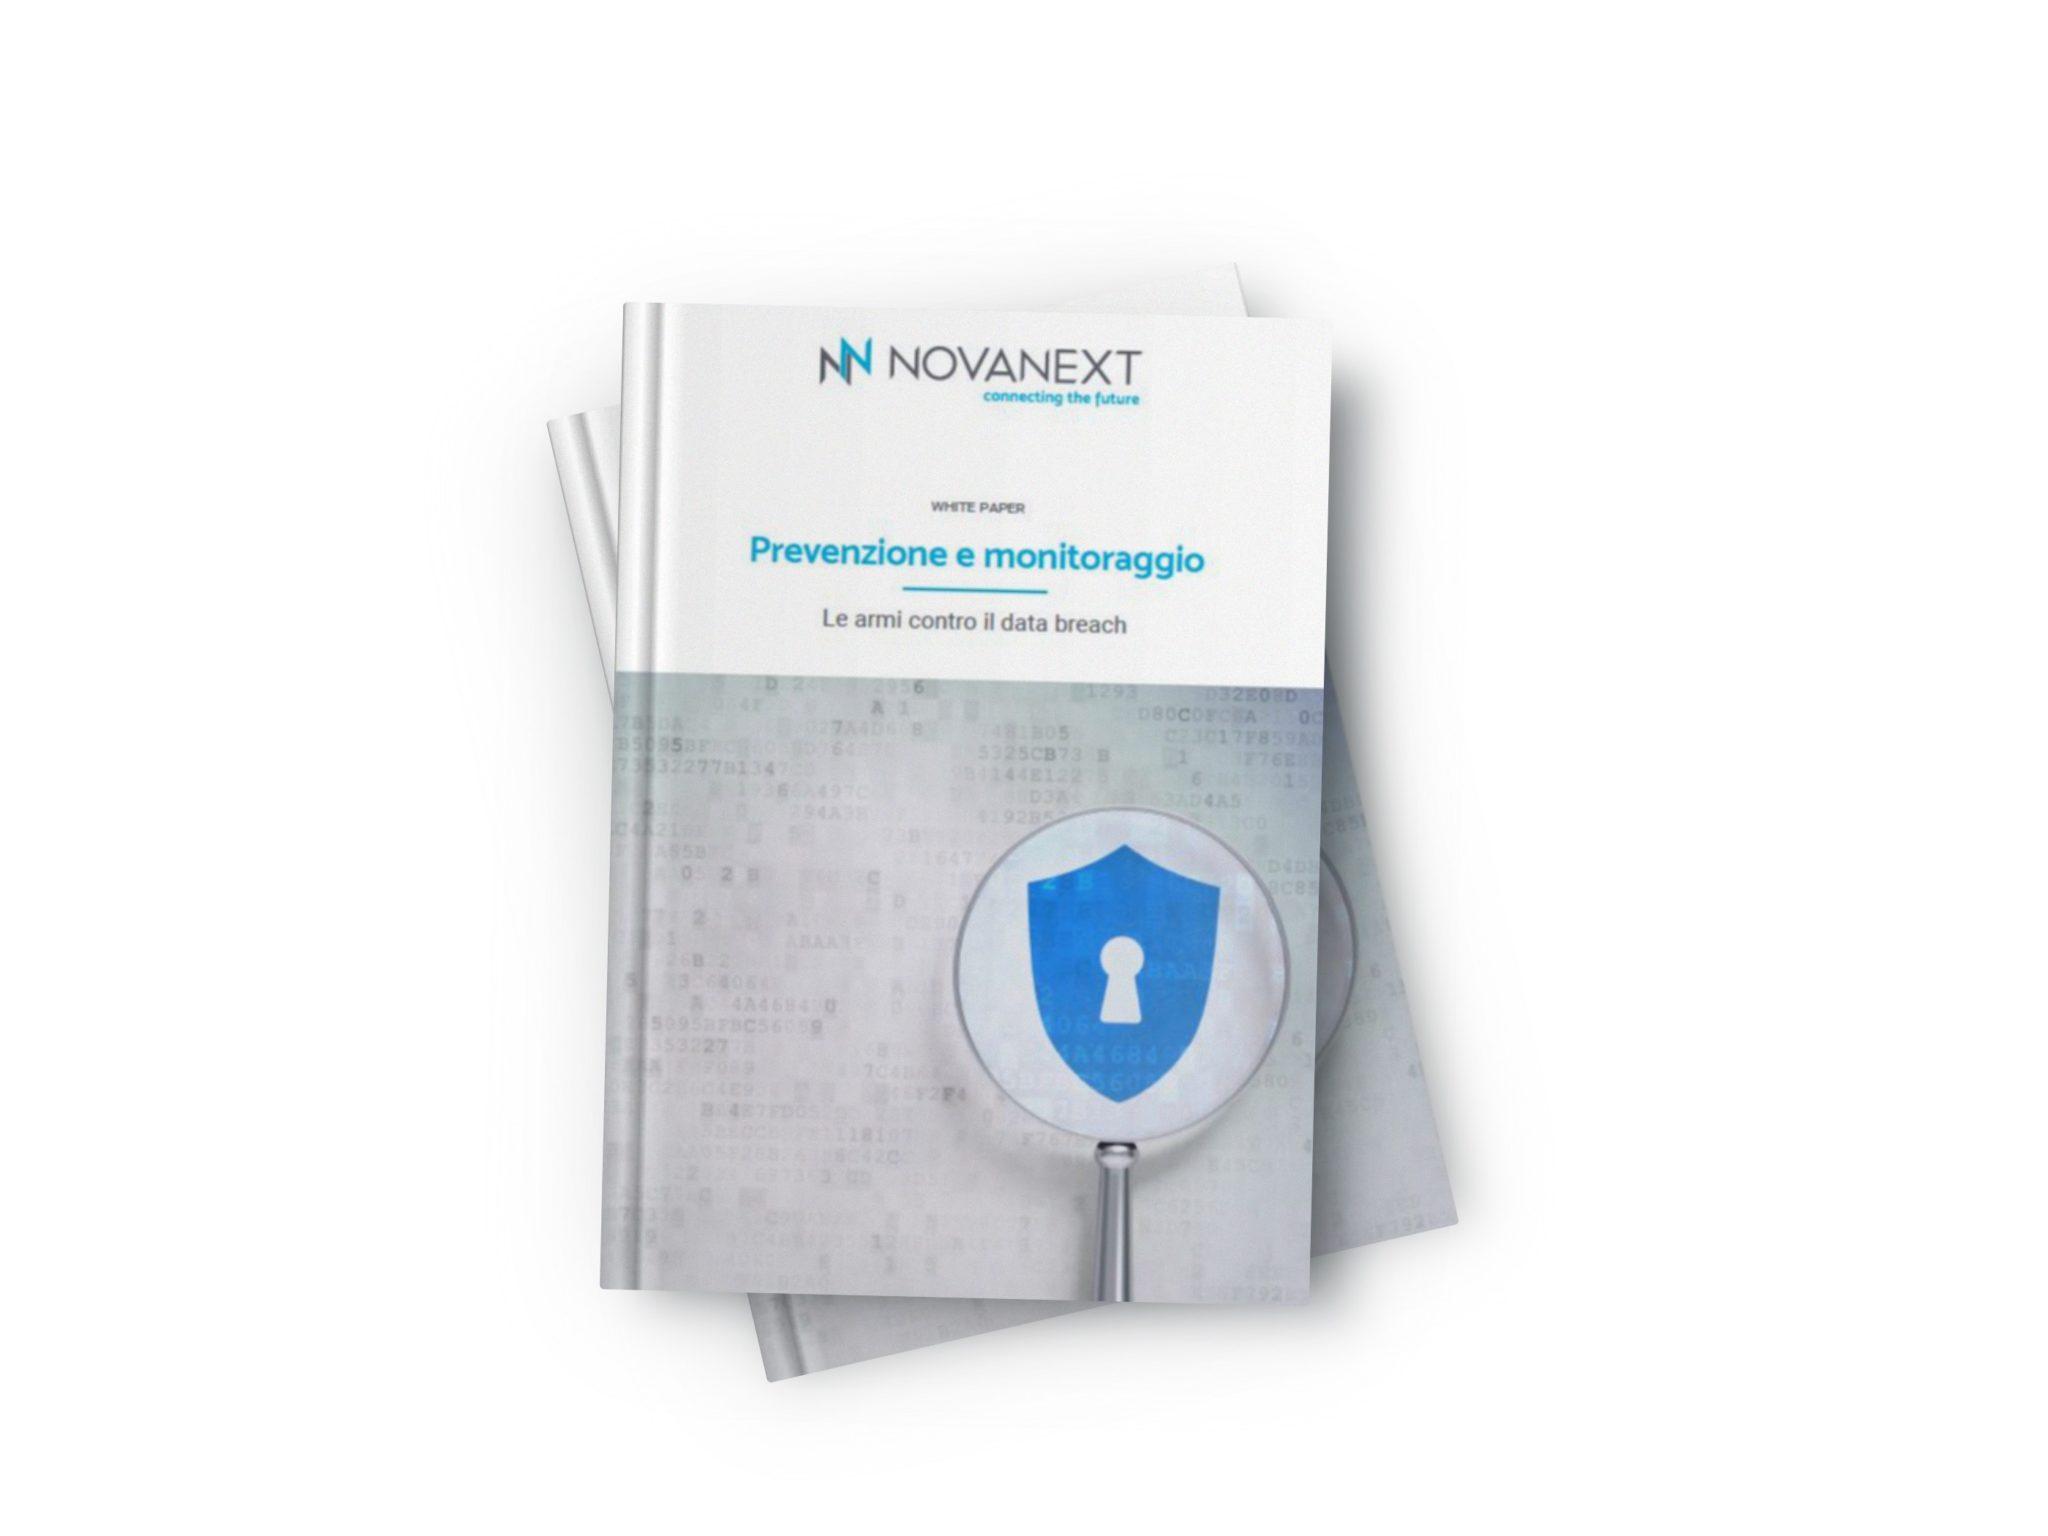 prevenzione e monitoraggio